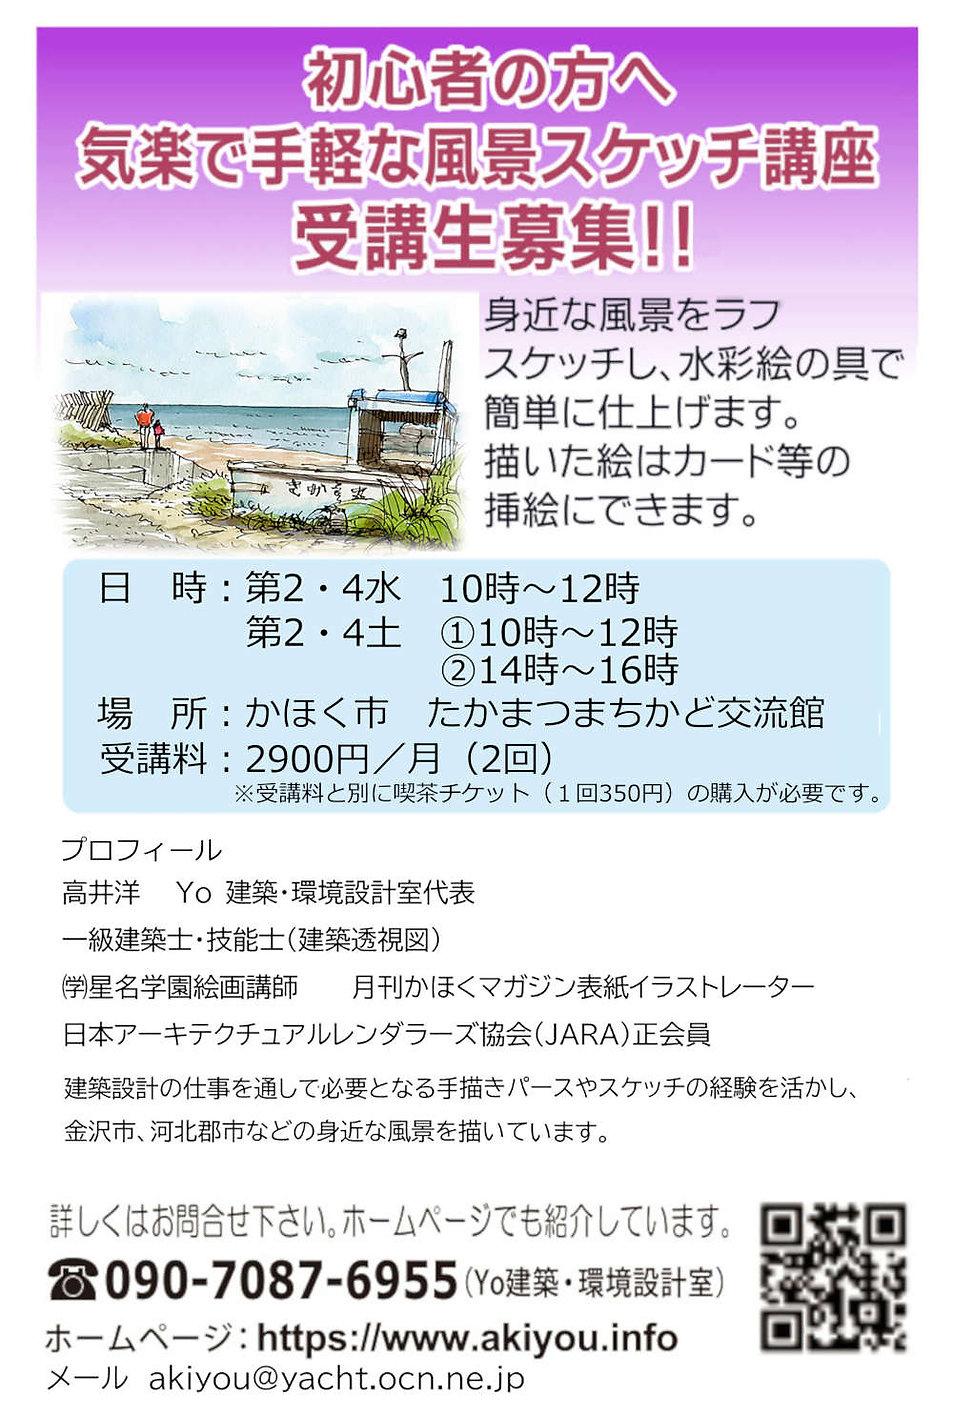 スケッチ講座案内(縮小).jpg